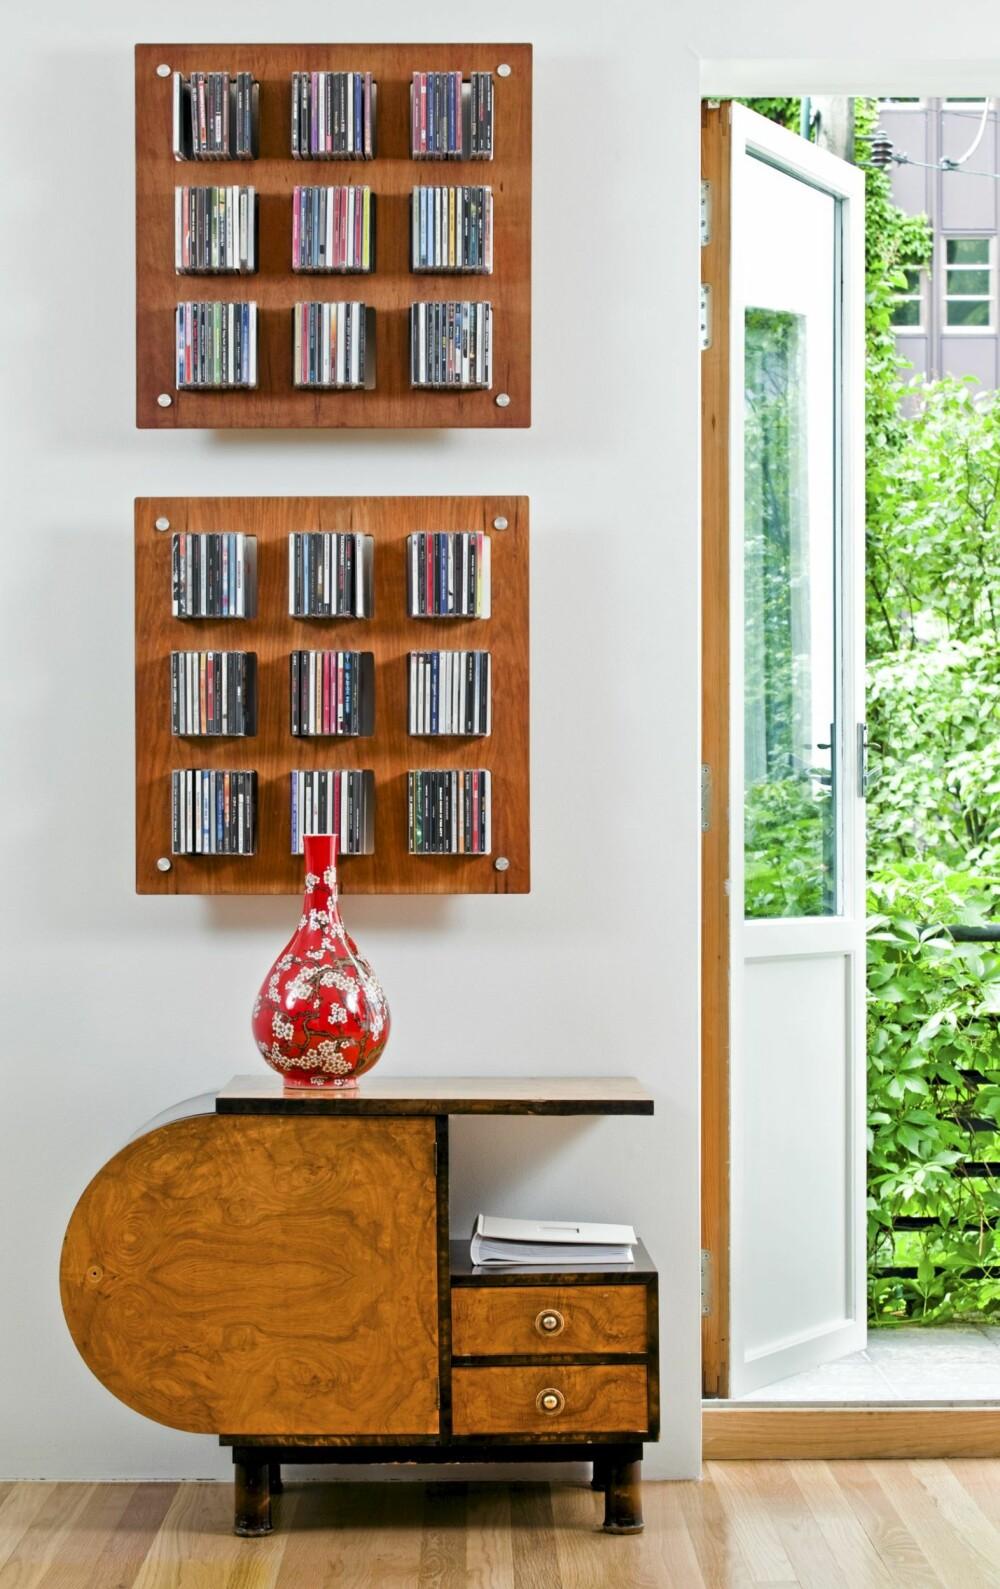 PASSER SAMMEN: Samspillet mellom eldre og nye møbler går som en rød tråd gjennom hele prosjektet.